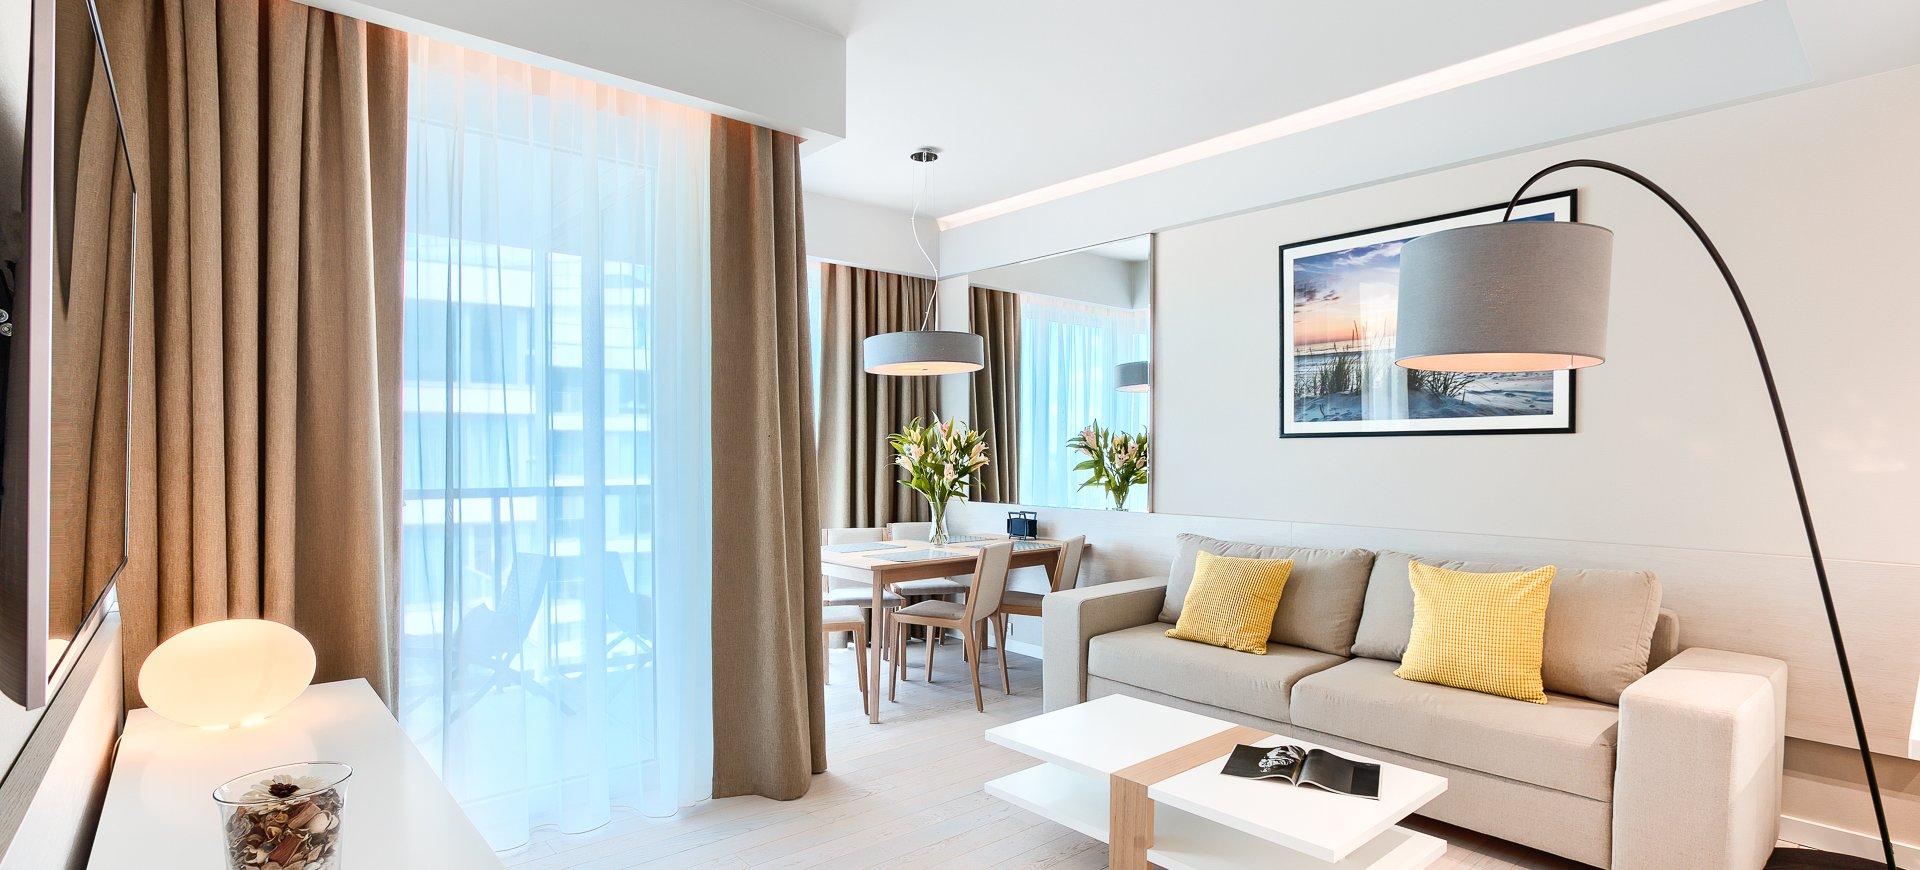 Apartament Deluxe z 1 sypialnią 3.08 B z bocznym widokiem na morze